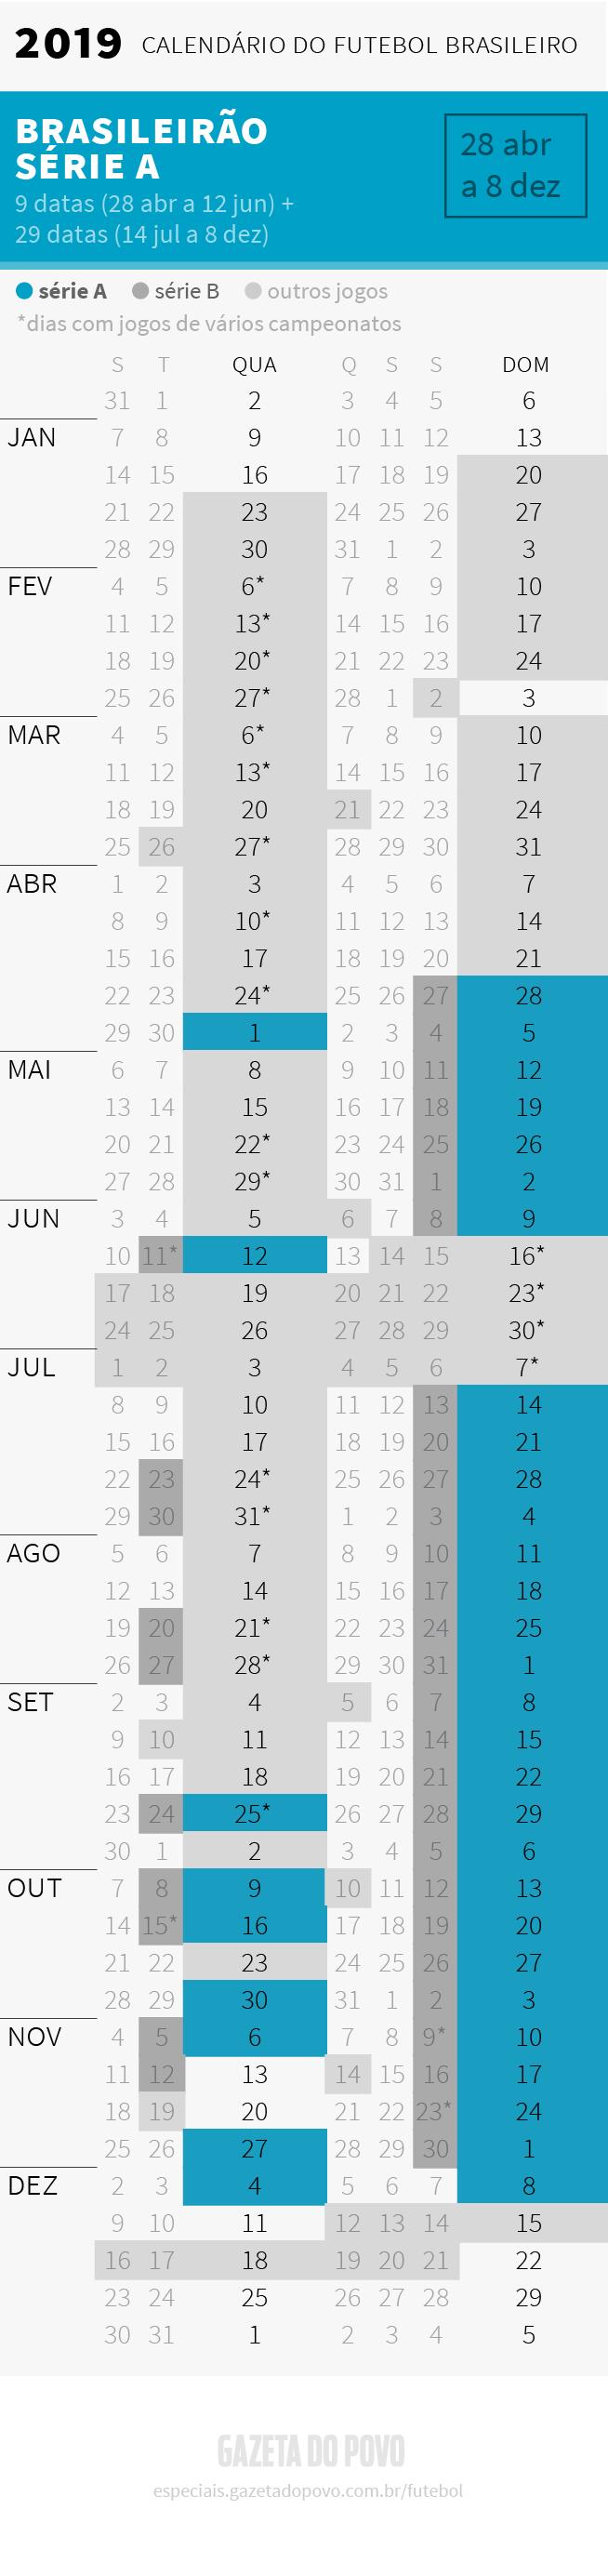 Calendario Do Brasileirao 2019 Serie A Futebol